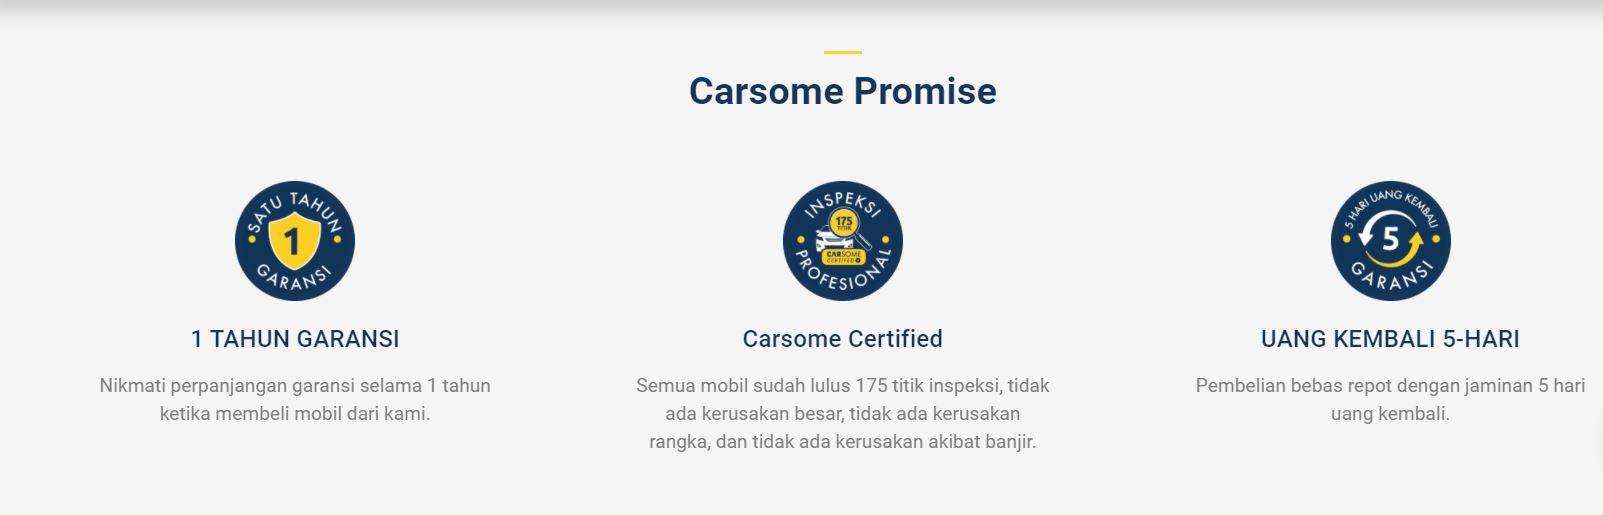 tips-membeli-mobil-bekas-berkualitas-carsome-promise